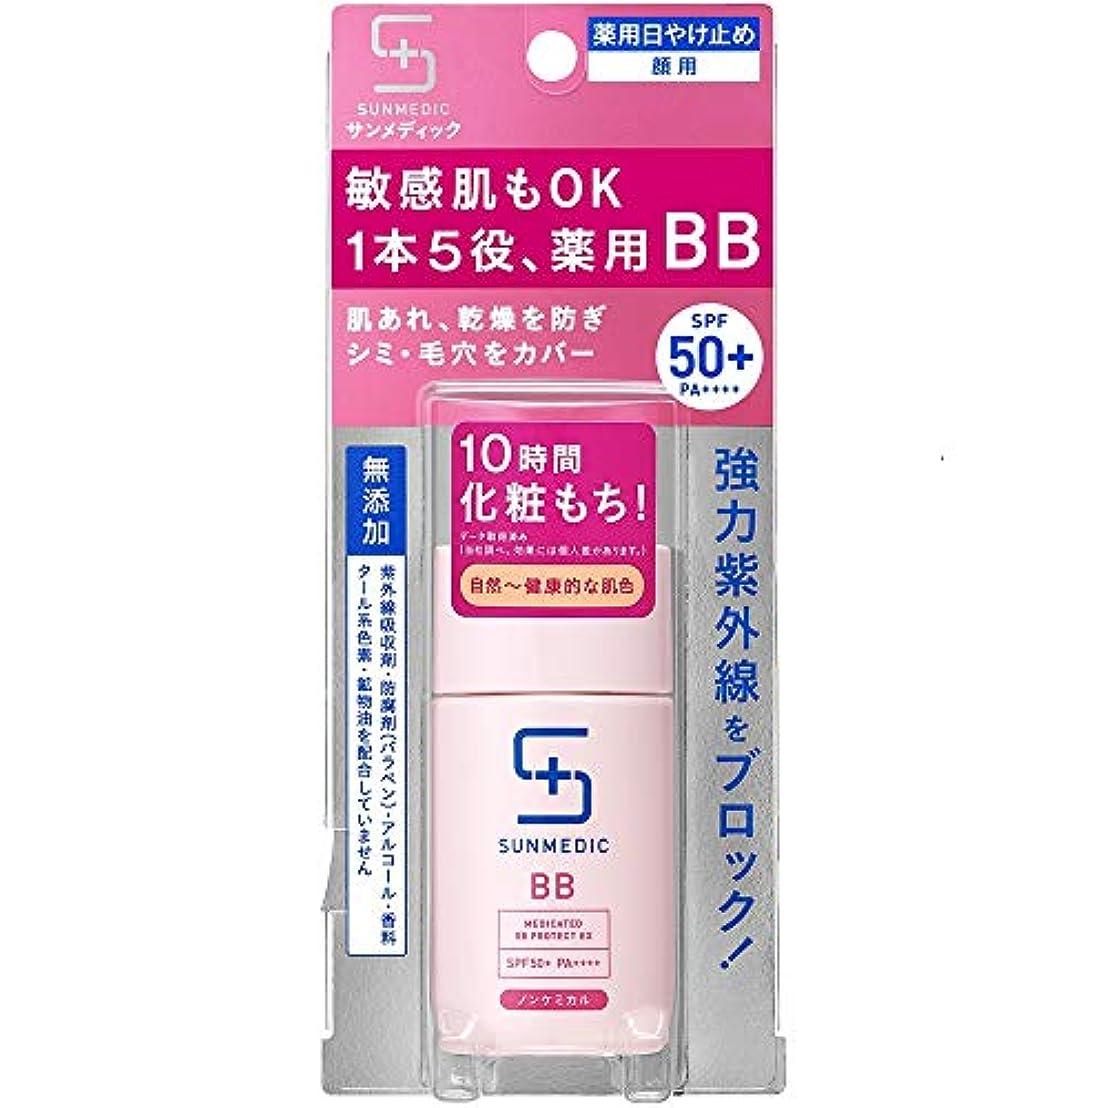 ご注意助言ピューサンメディックUV 薬用BBプロテクトEX ナチュラル 30ml (医薬部外品)